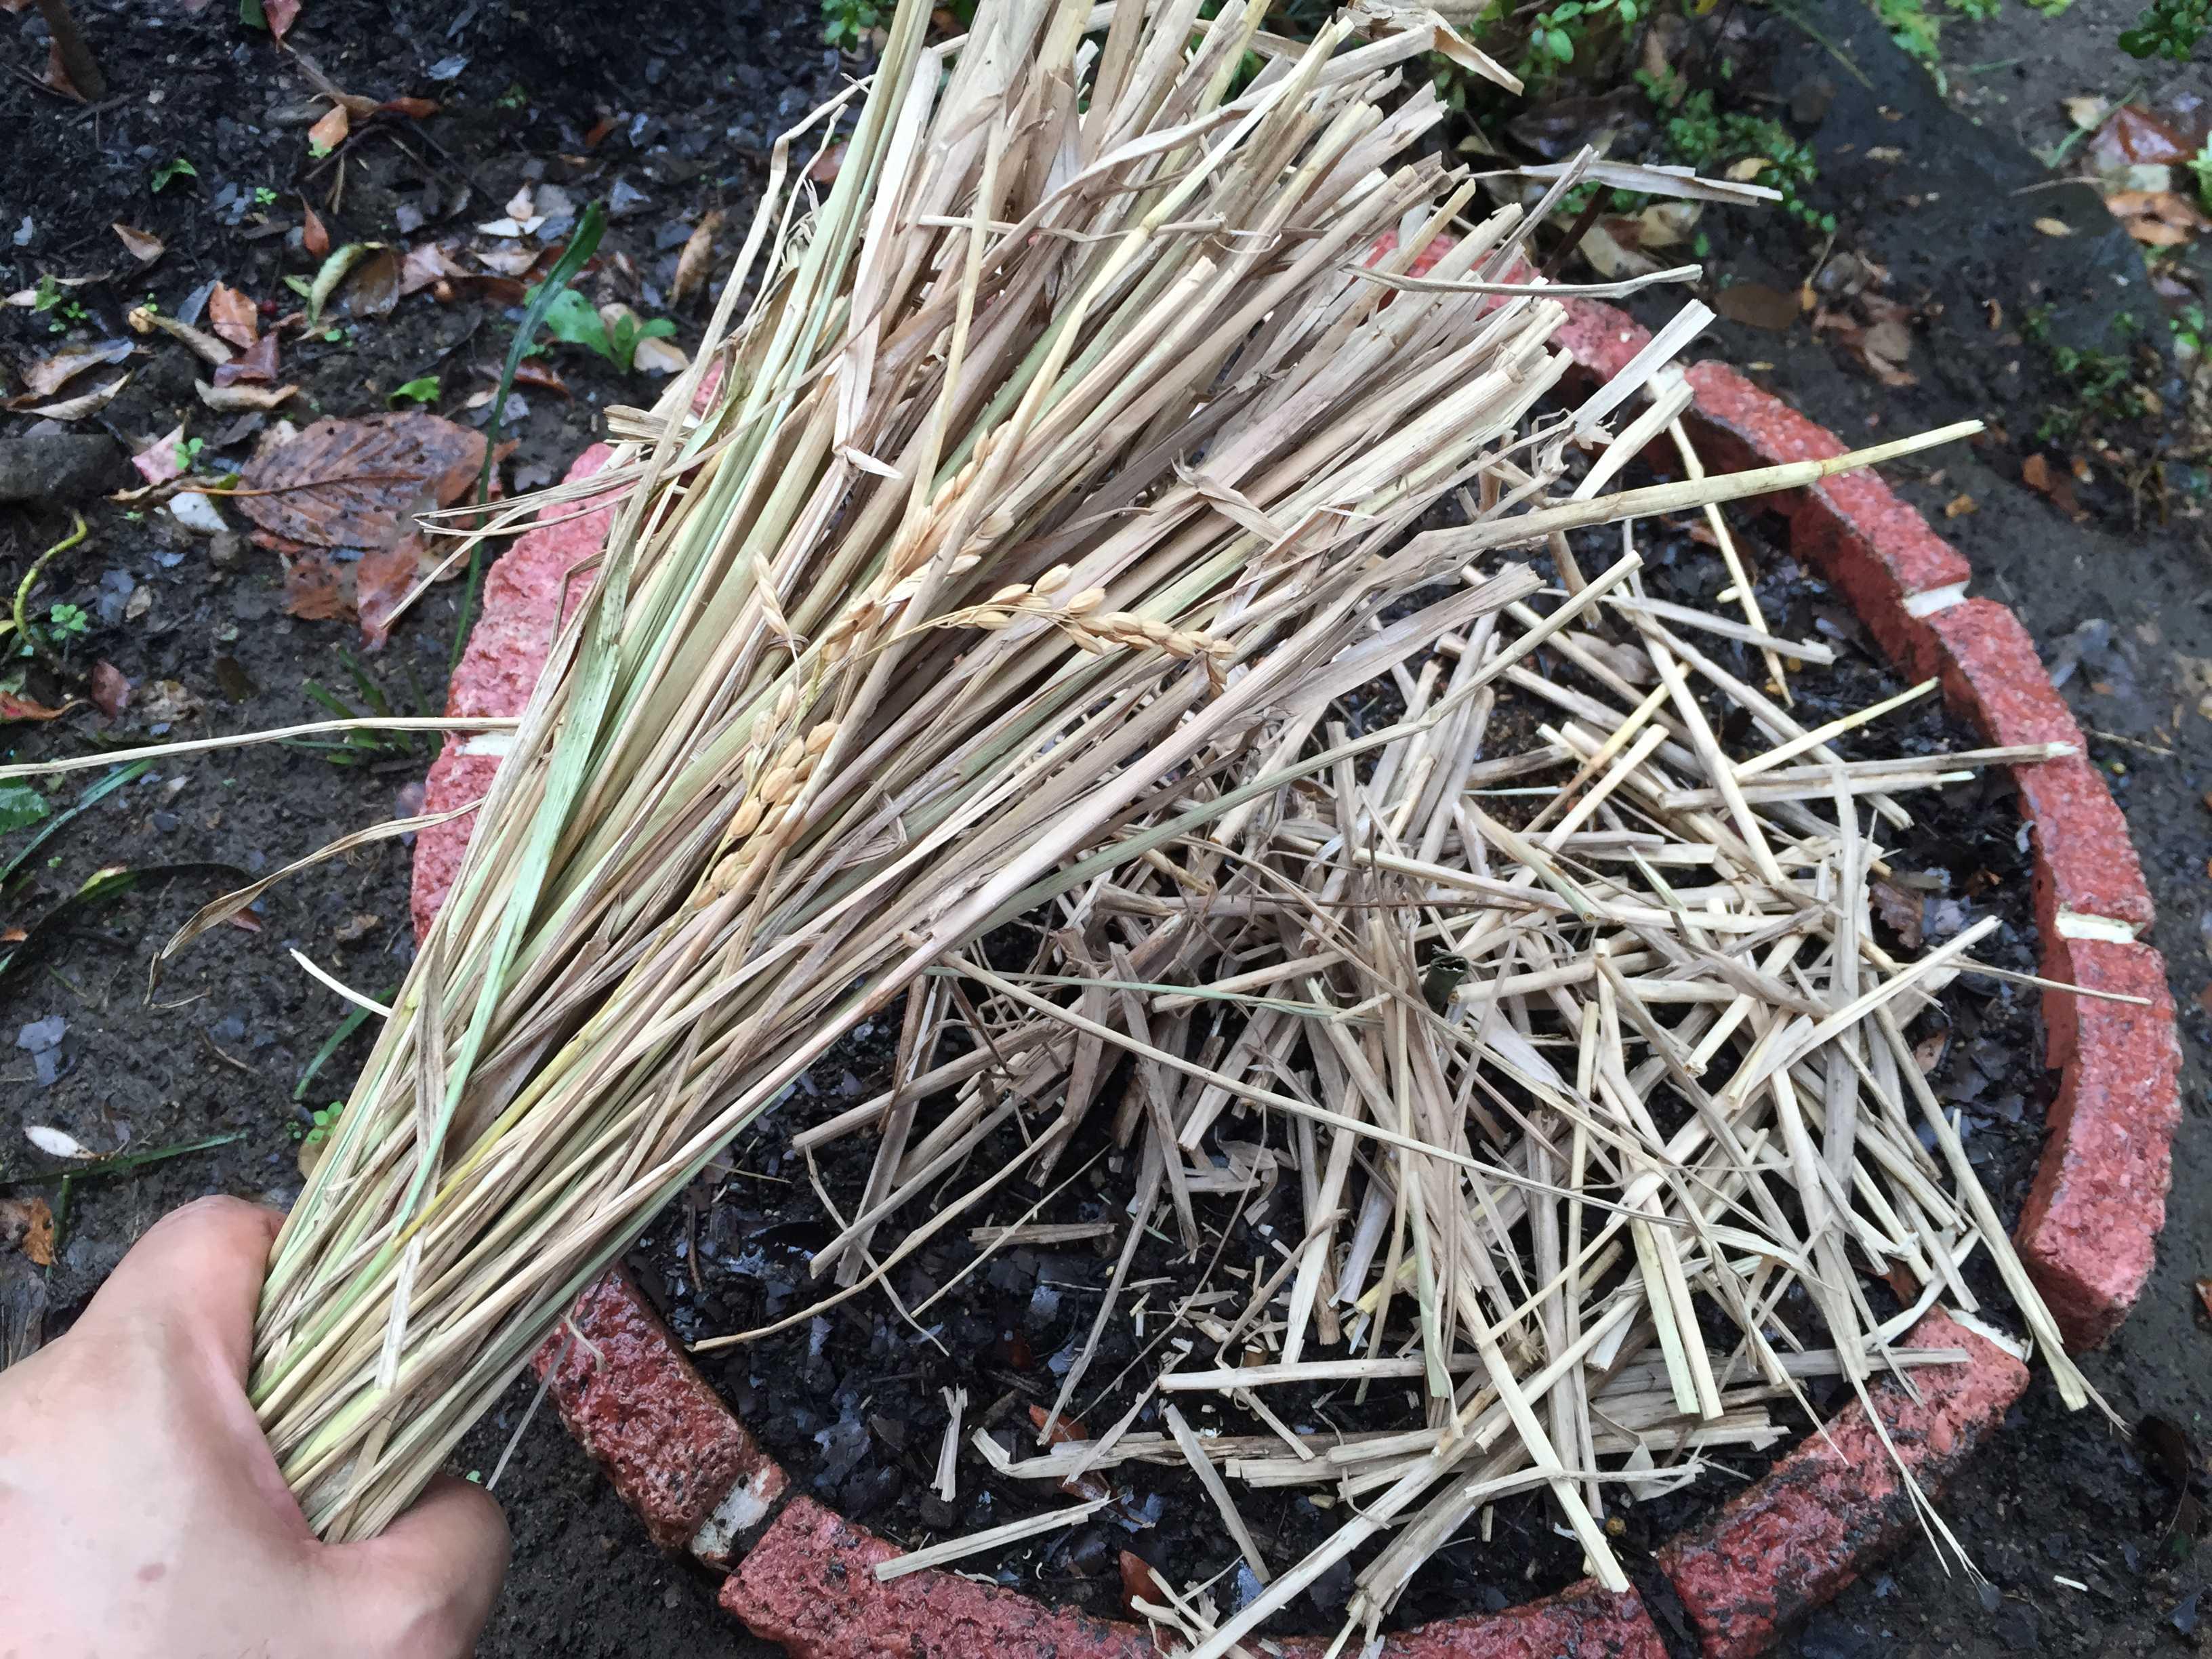 ヤマユリの冬越し(マルチング)のための敷き藁